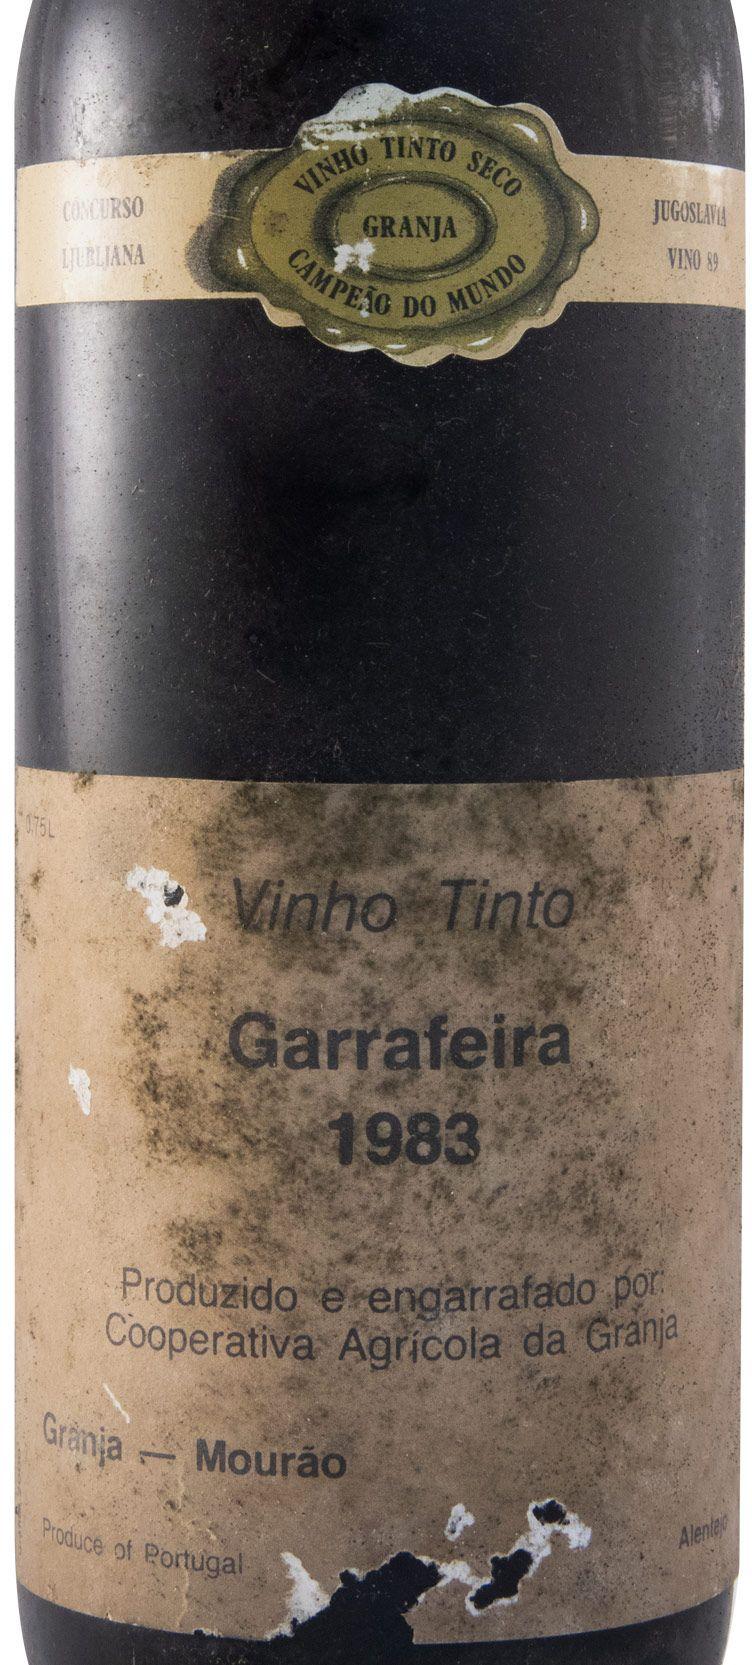 1983 Granja Campeão do Mundo Garrafeira tinto